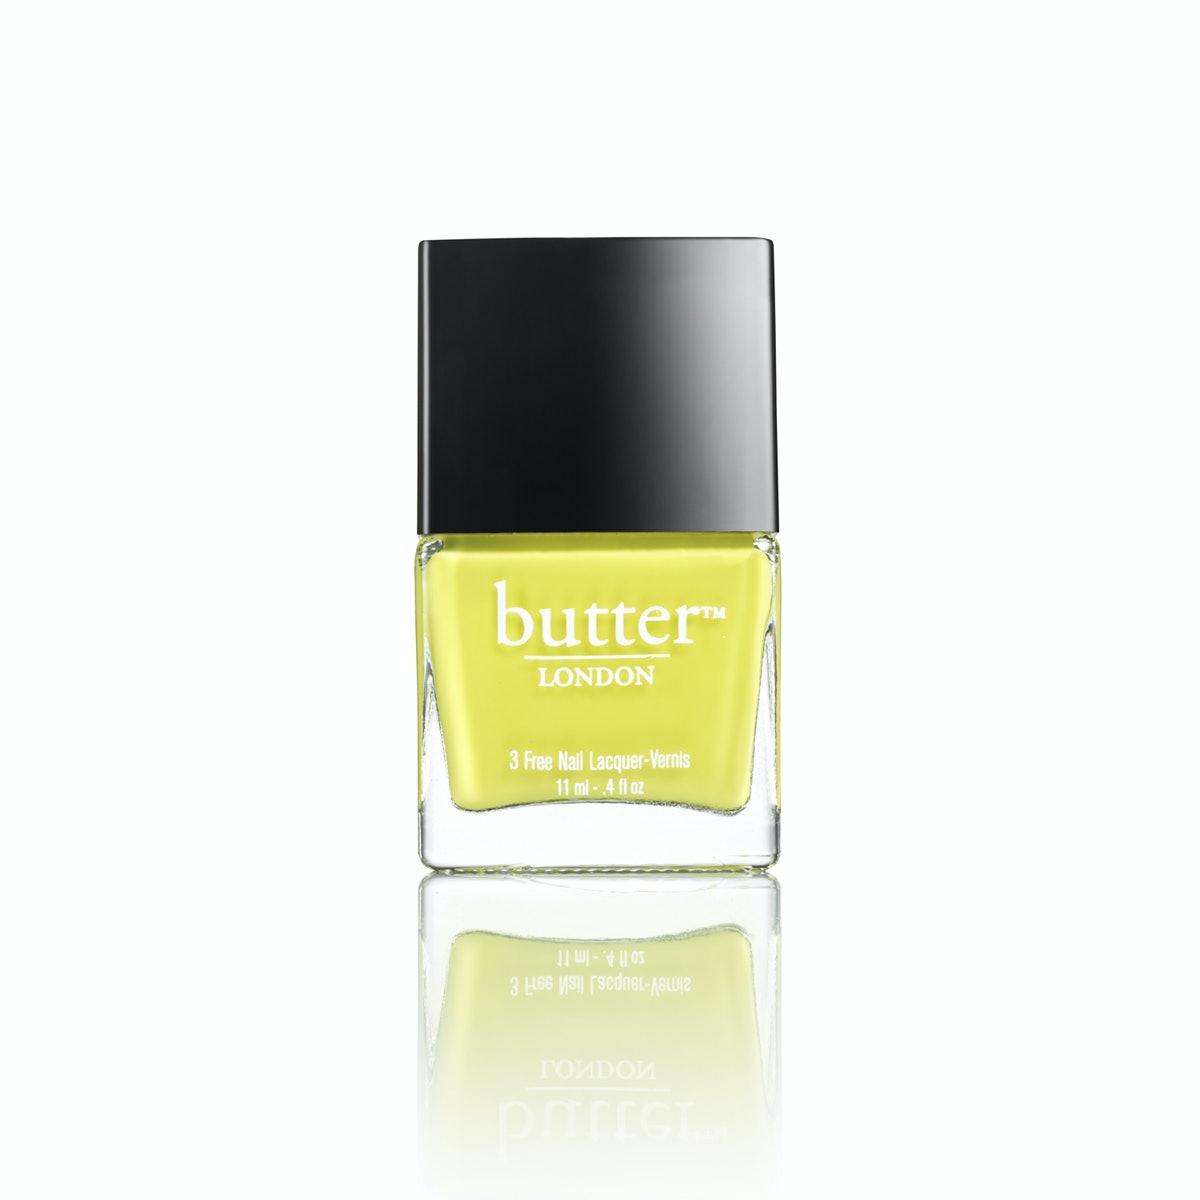 Butter London Wellies